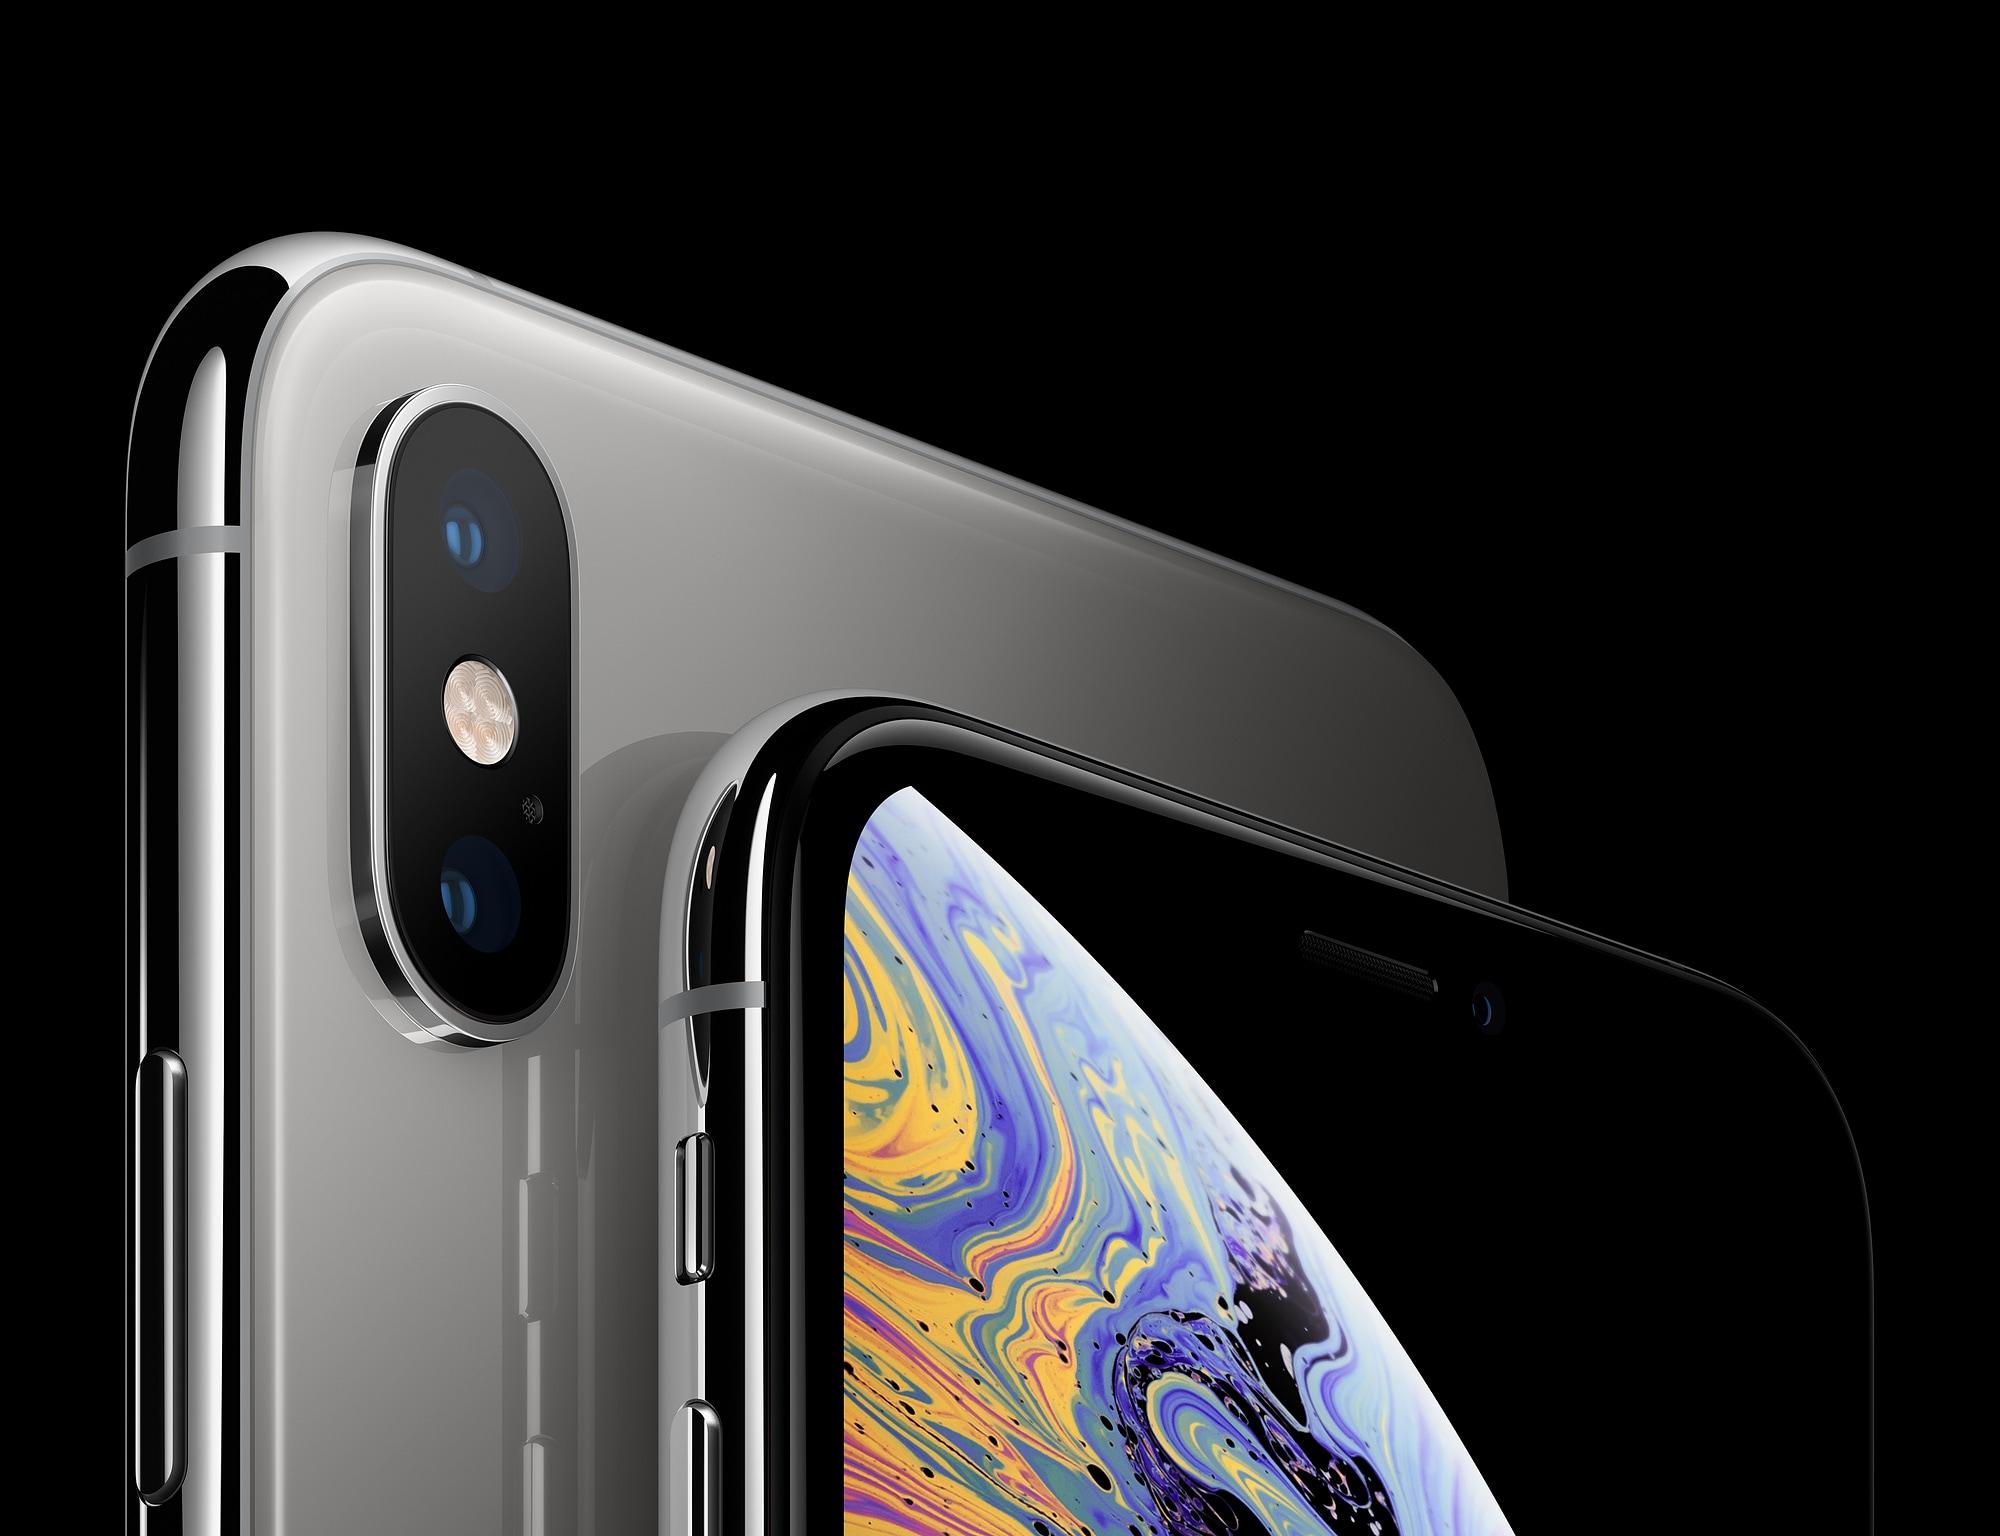 IPhone'i keskmine müügihind on XS-iga saavutamas enneolematut taset